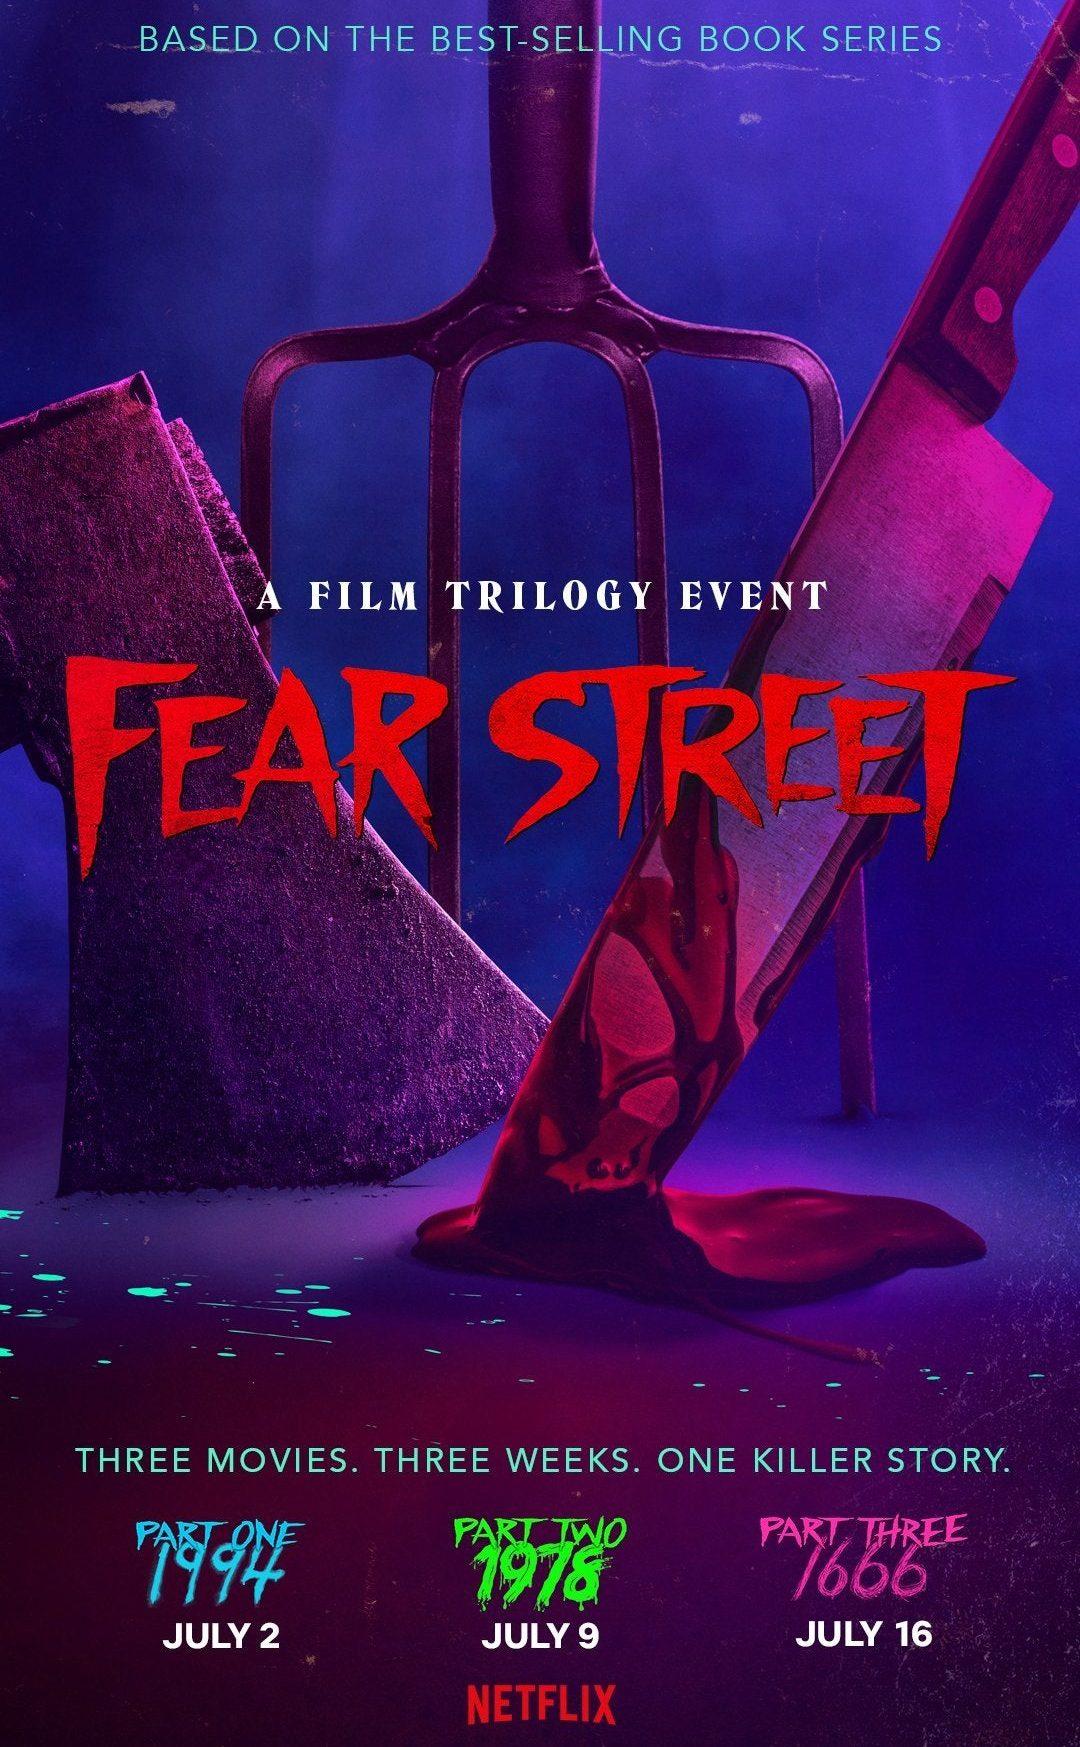 Poster mit der Aufdruck Fear Street. Netflix bring 3 Horrorfilme Uncut im Juli.